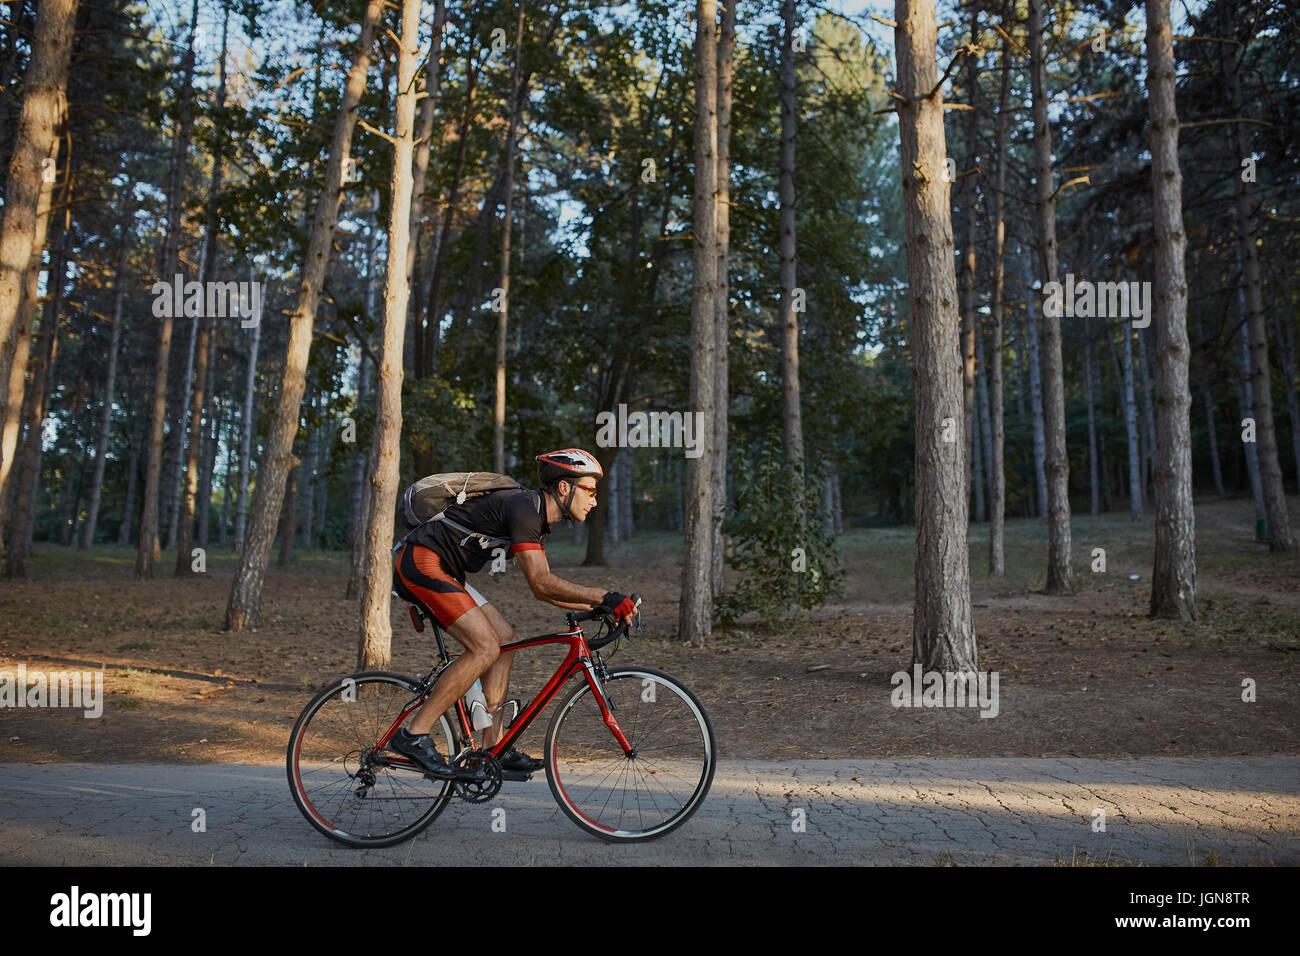 Giovani ed energici ciclista nel parco. L'uomo sono la bicicletta bici da strada e dal lago nel parco Immagini Stock